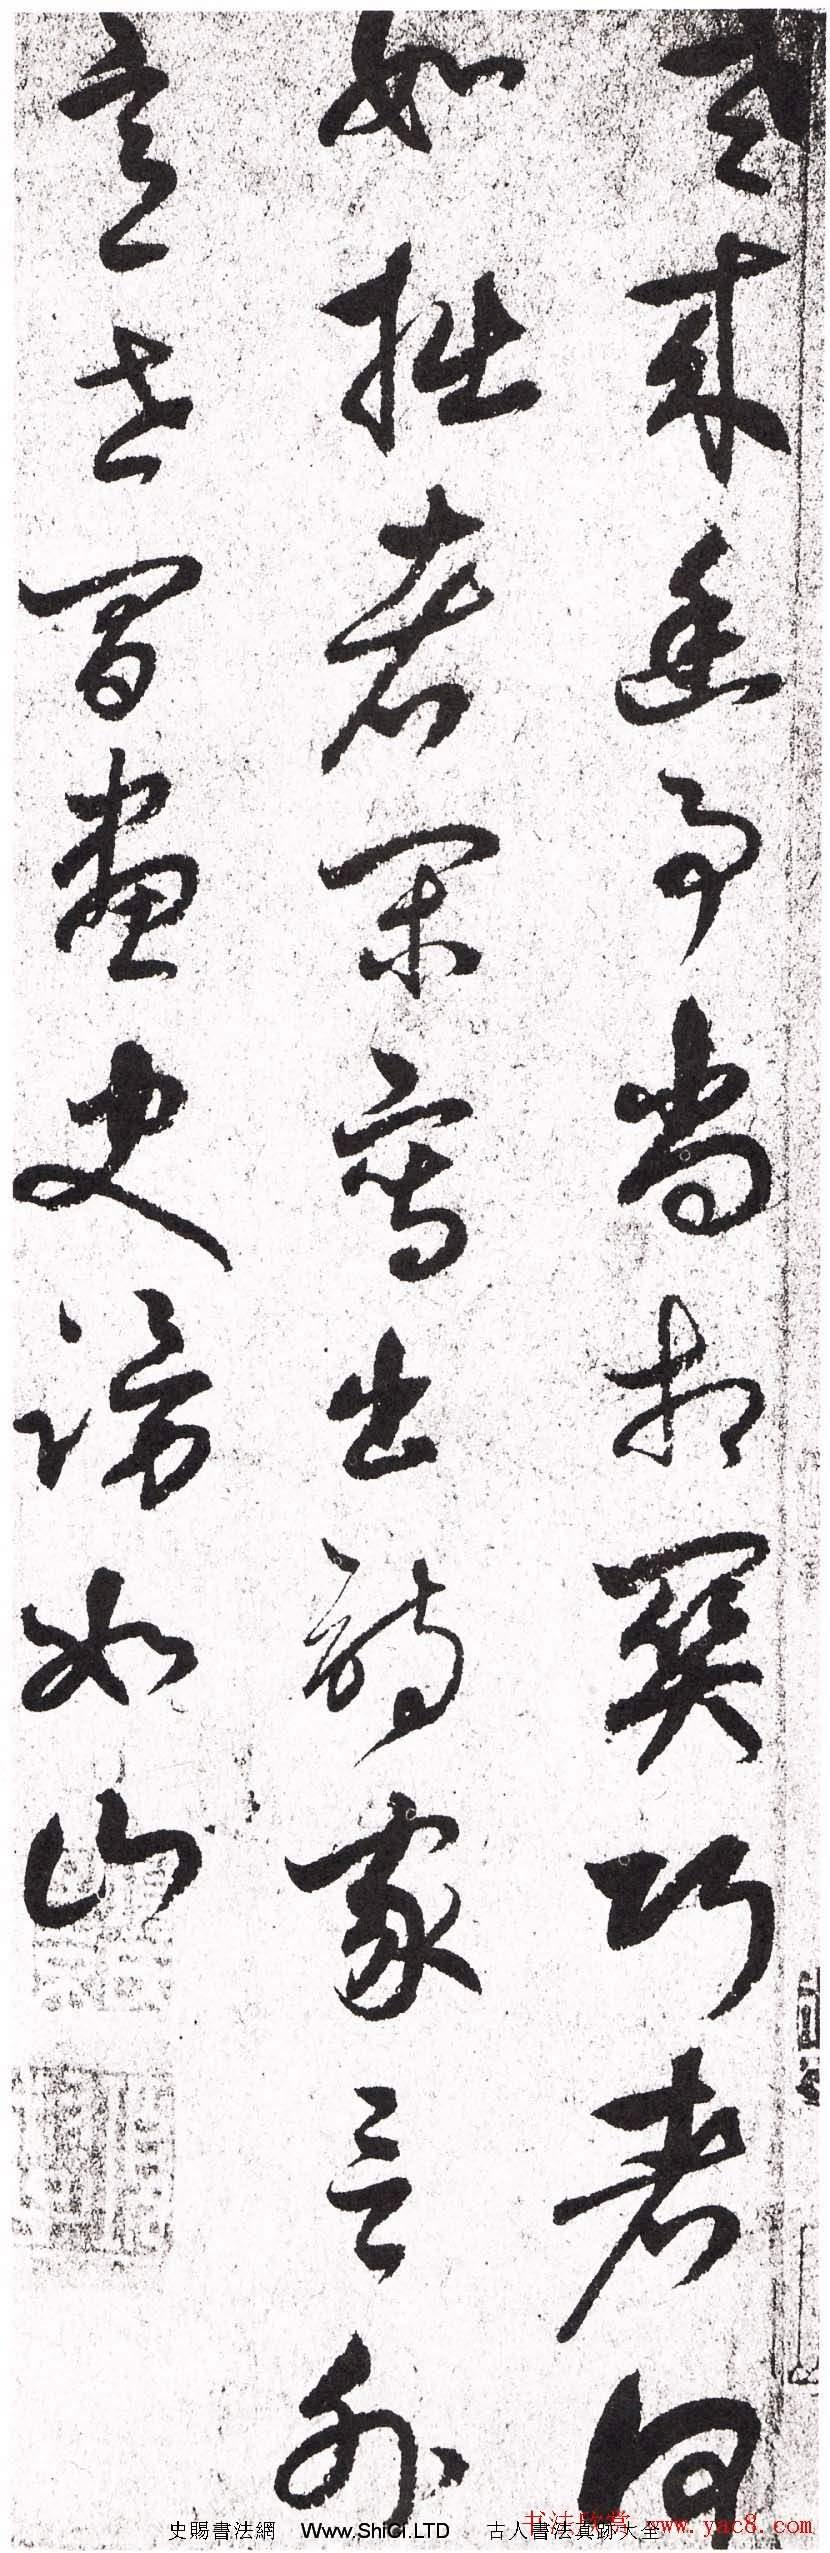 鮮於樞草書作品真跡欣賞《老來幽事詩札》(共2張圖片)